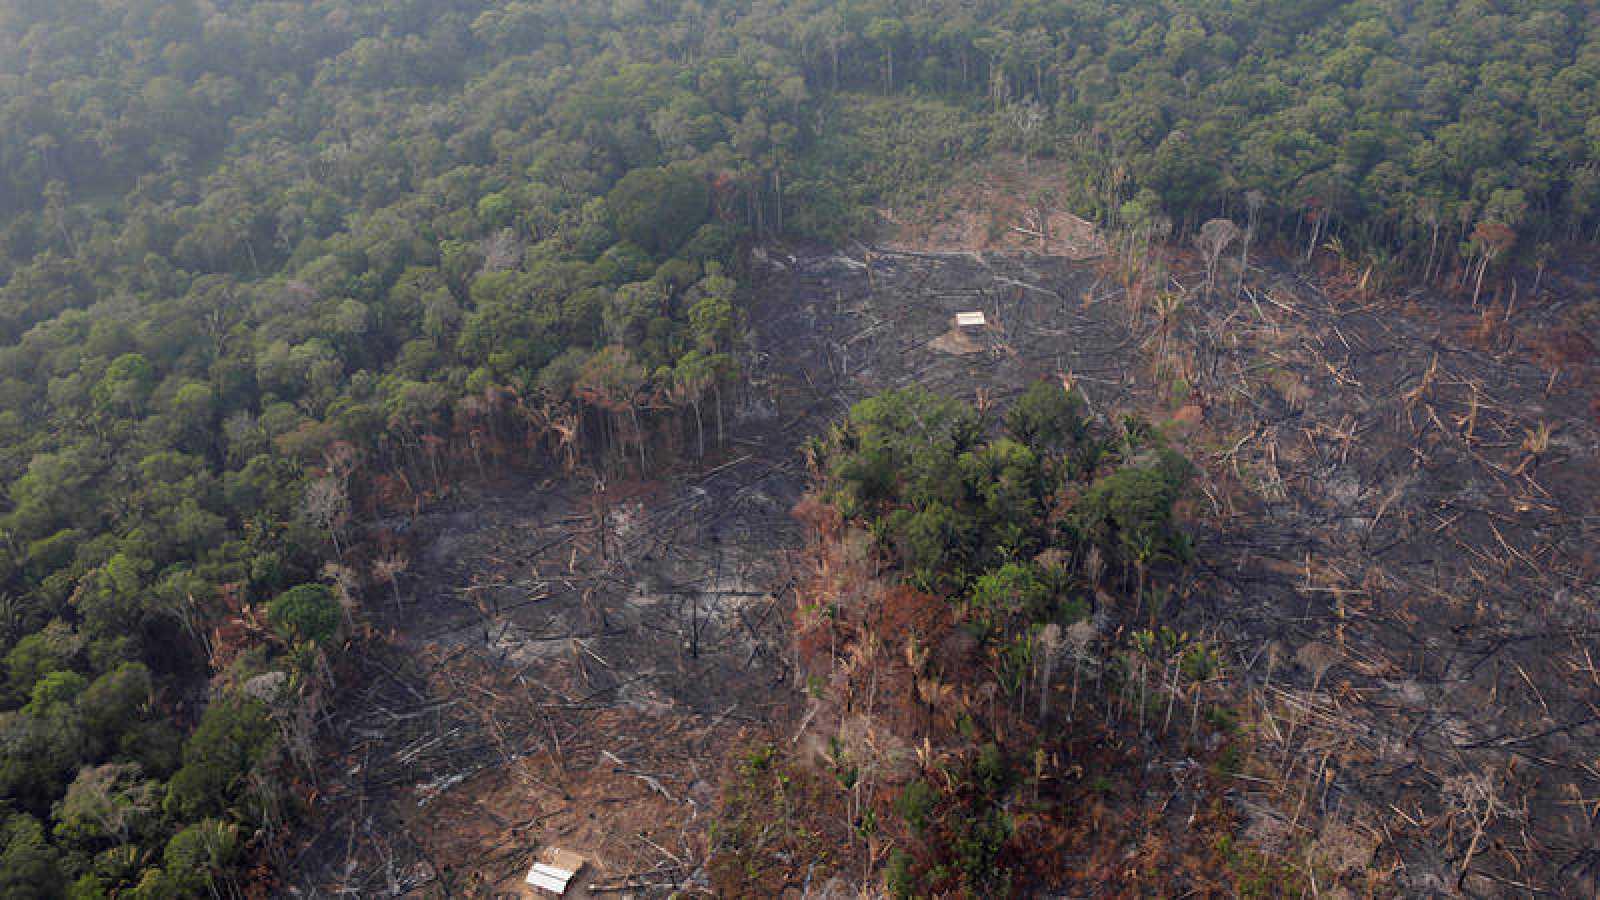 Zona de selva eforestada cerca de Humaita, en el estado de Amazonas. REUTERS/Ueslei Marcelino